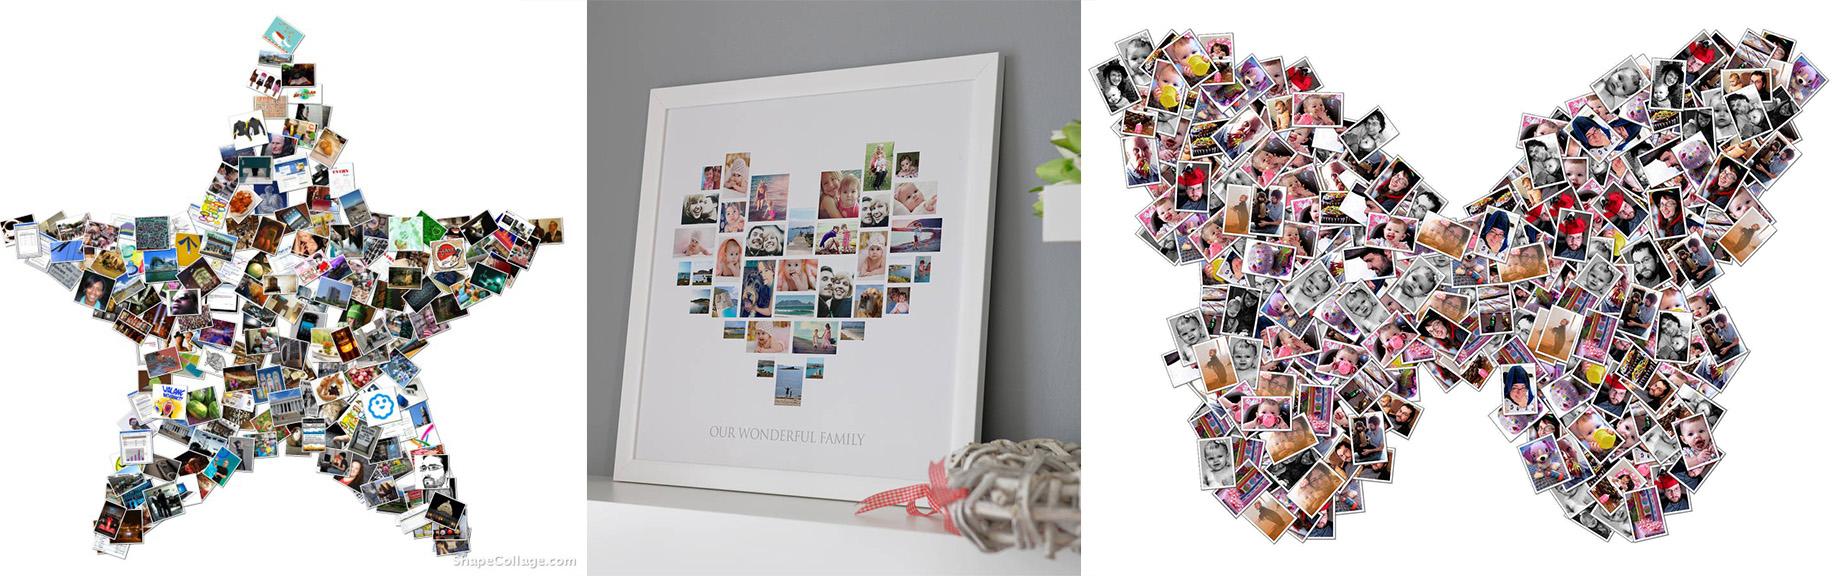 фотоколлаж в виде сердца заказать онлайн макет бесплатно